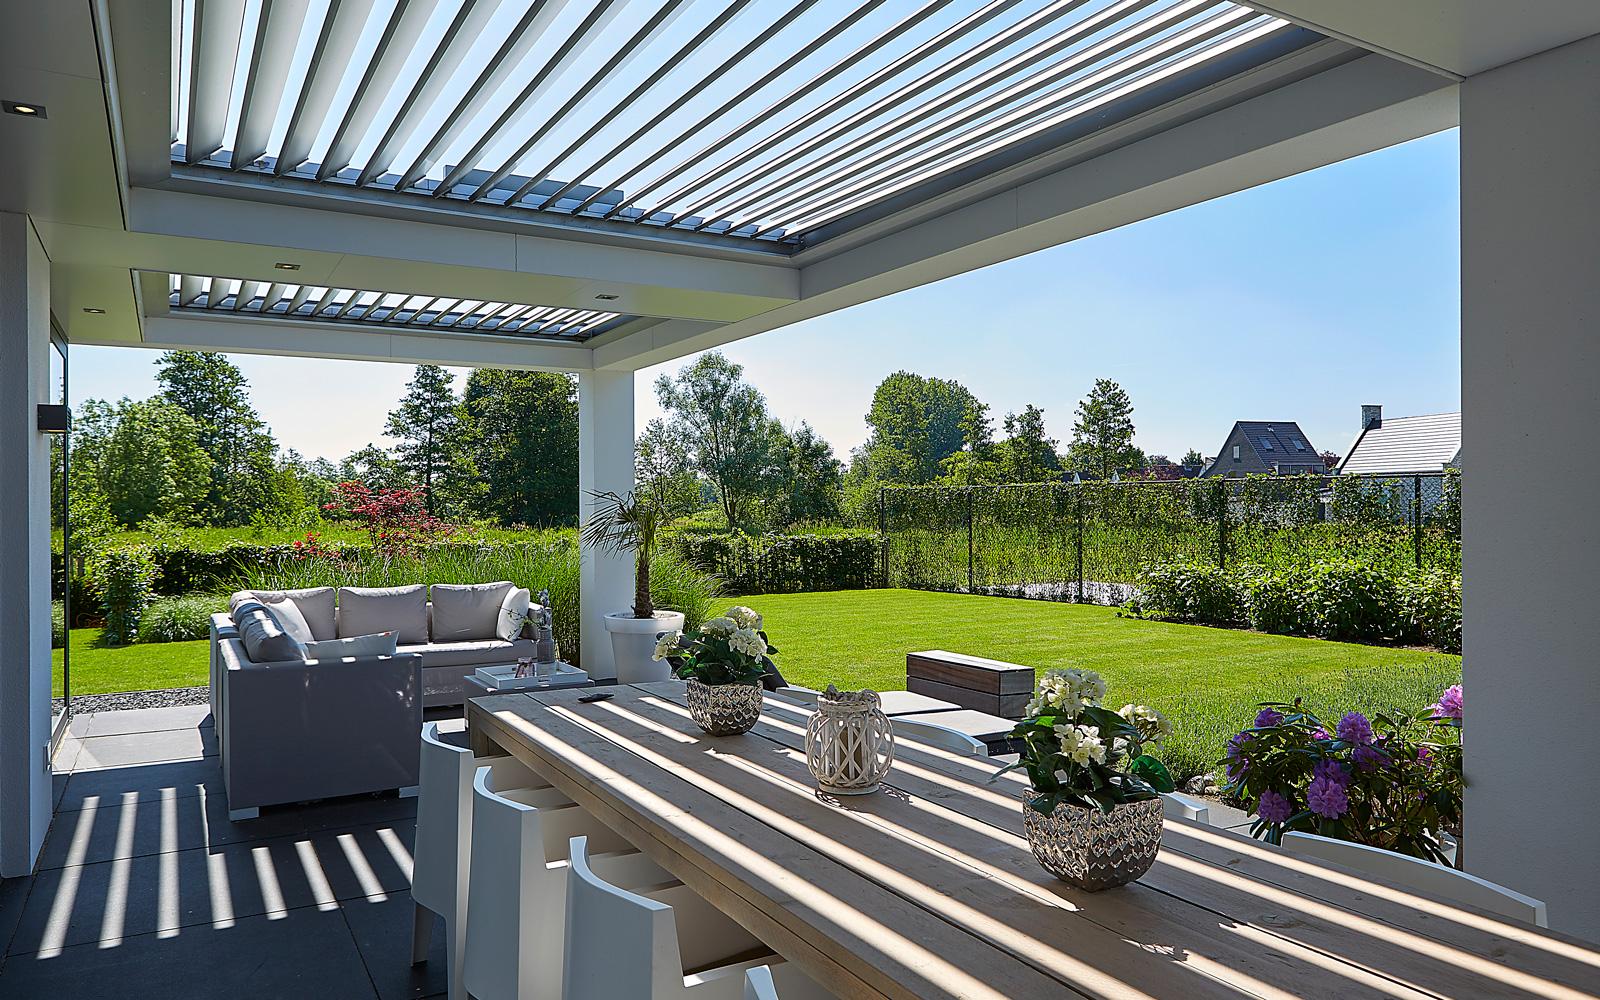 Het mooie dak van Livium staat mooi op de tuin die ontworpen is door Van Mierlo.